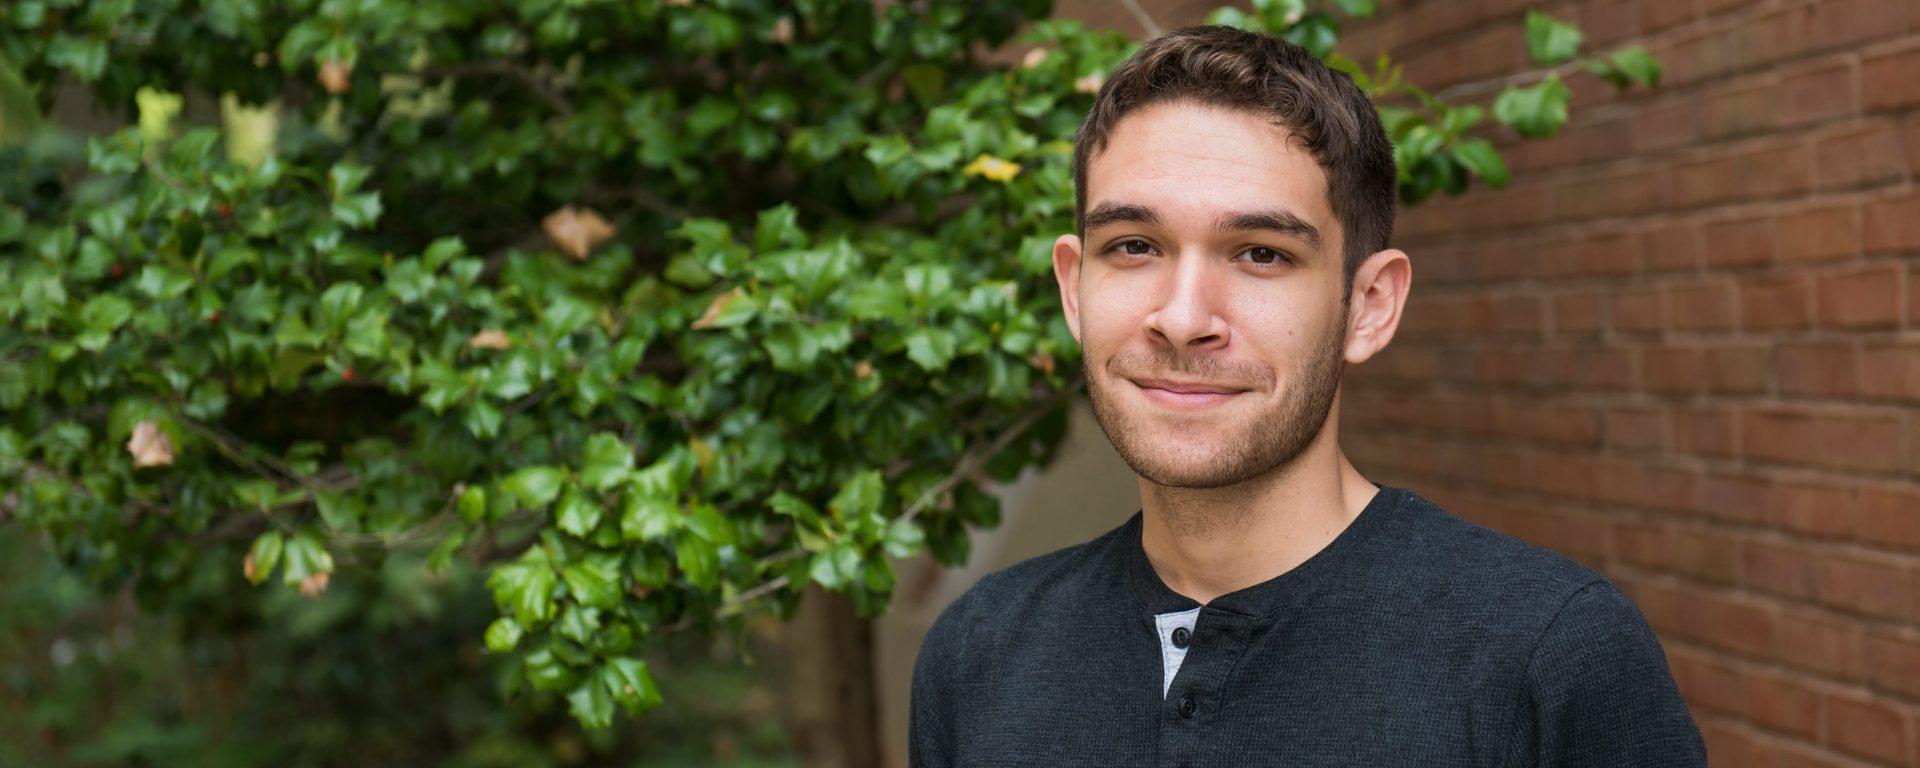 Daniel Ocasio, valedictorian 2017